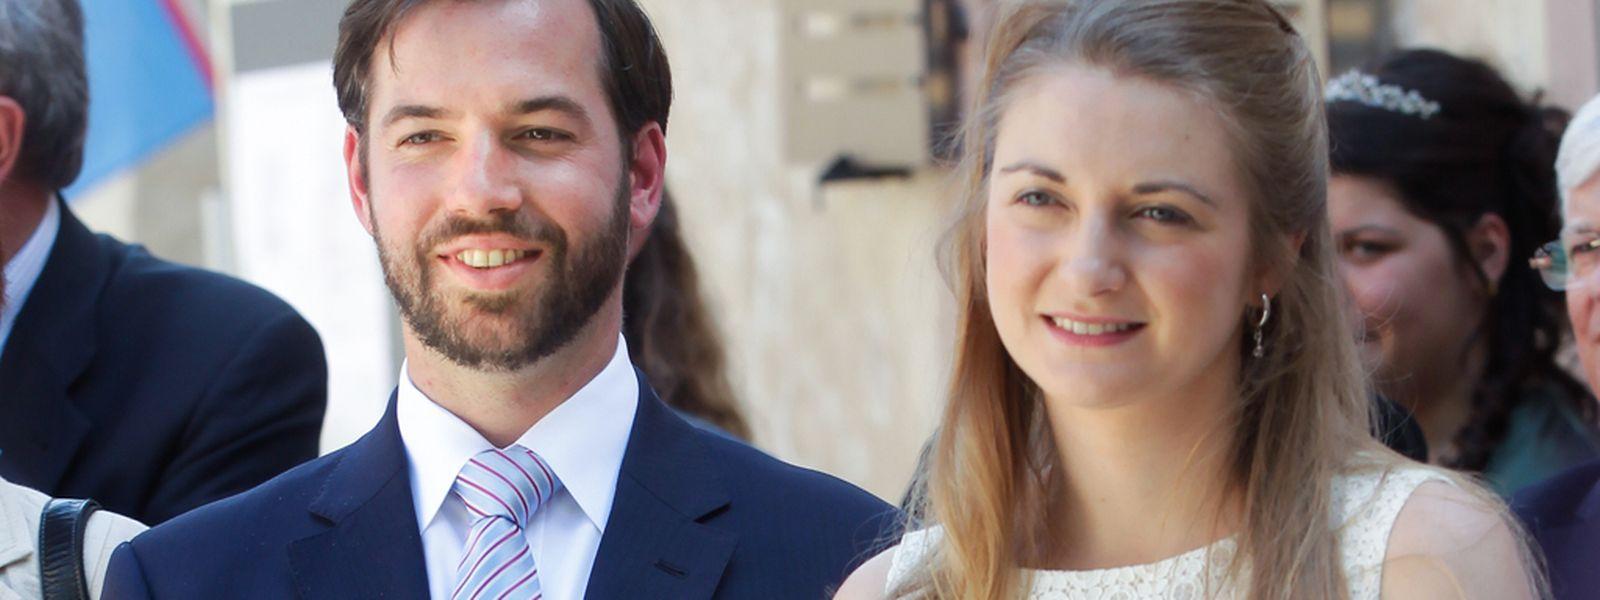 Erbgroßherzog Guillaume und Gattin Stéphanie stehen einer Wirtschaftsmission in Brasilien vor.